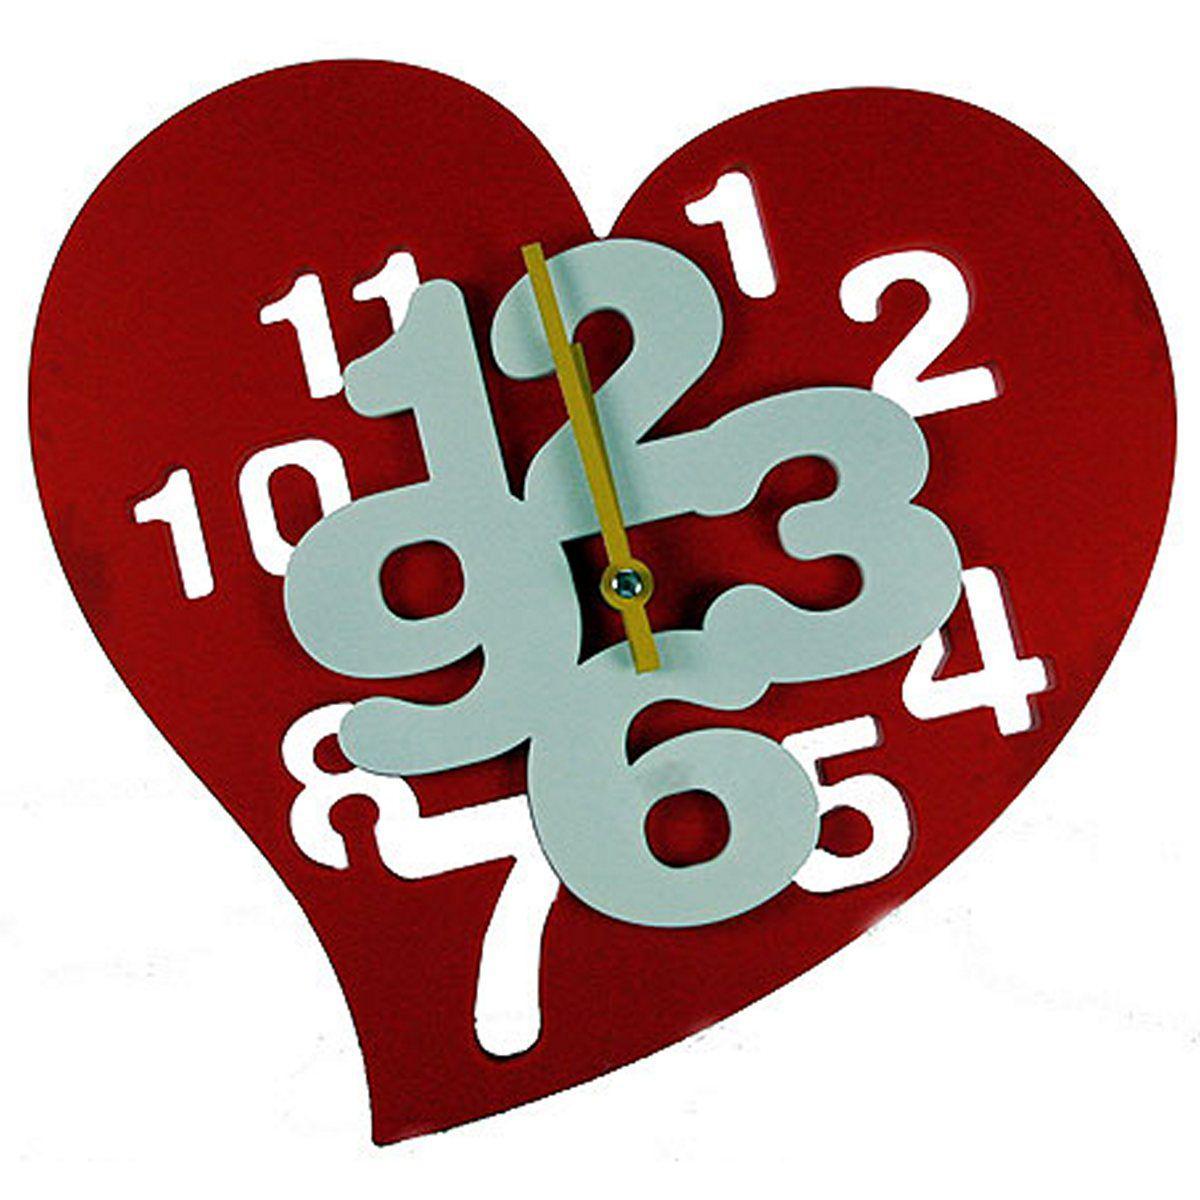 Часы настенные Русские Подарки Сердечко. 222419222419Часы настенные Русские Подарки Сердечко изготовлены из пластика. Корпус оригинально оформлен в виде сердца. Часы имеют две стрелки - часовую и минутную. С обратной стороны имеется петелька для подвешивания на стену. Такие часы красиво и необычно оформят интерьер дома или офиса. Также часы могут стать уникальным, полезным подарком для родственников, коллег, знакомых и близких. Часы работают от батареек типа АА (в комплект не входят).